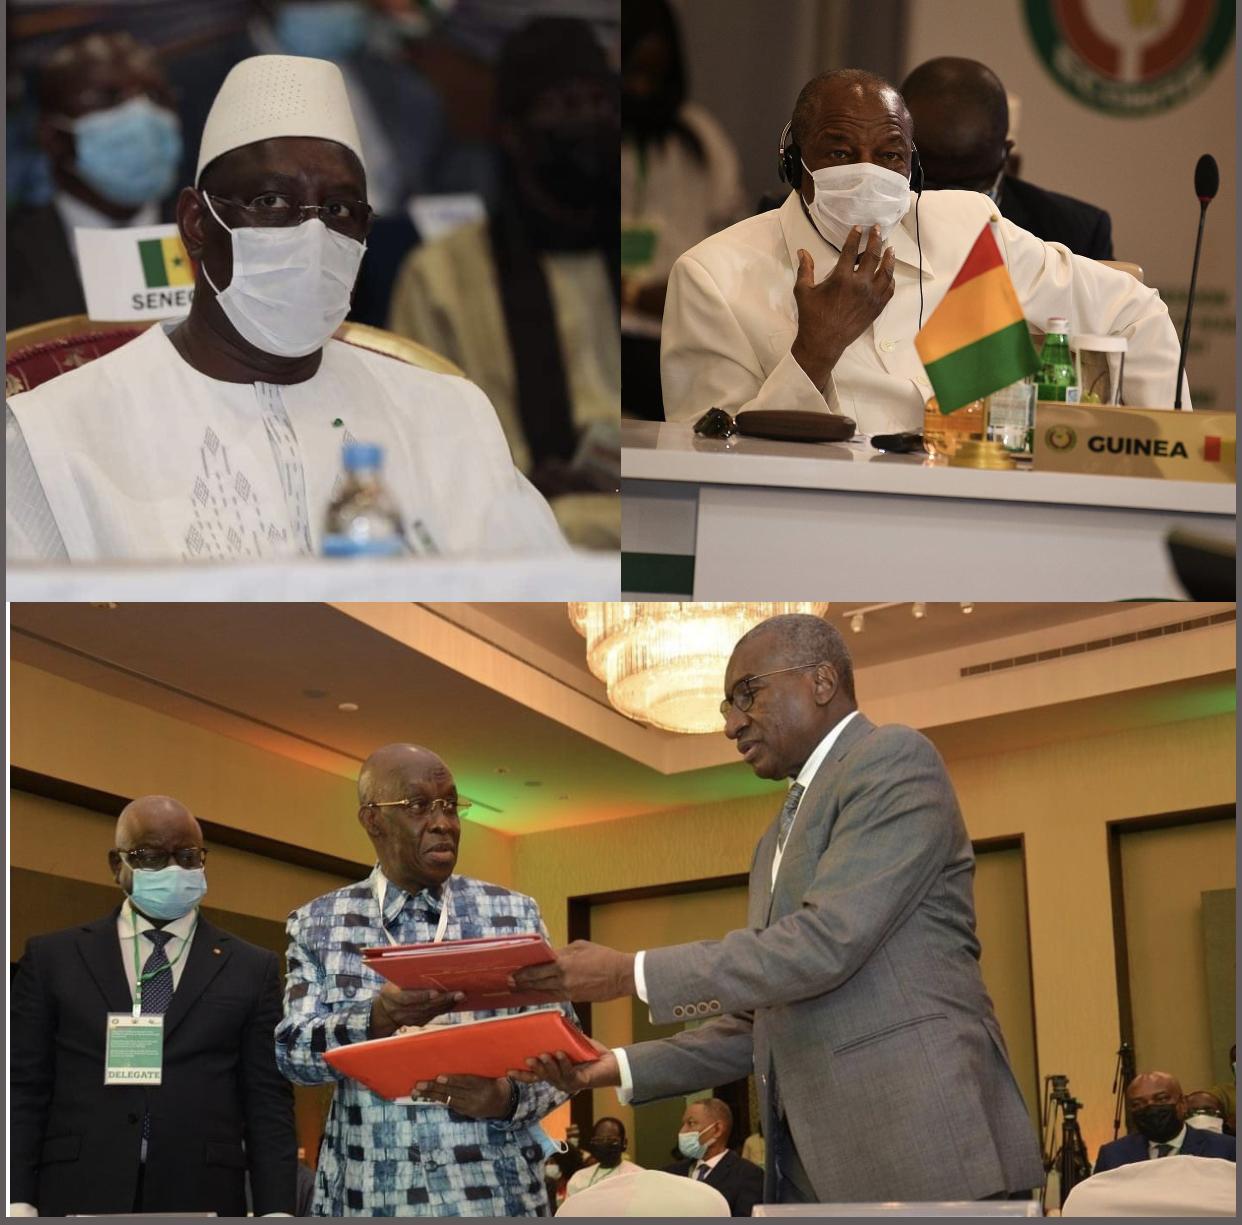 Vers la réouverture des frontières de la Guinée avec le Sénégal : non-dits et bizarreries des motivations de la fermeture.